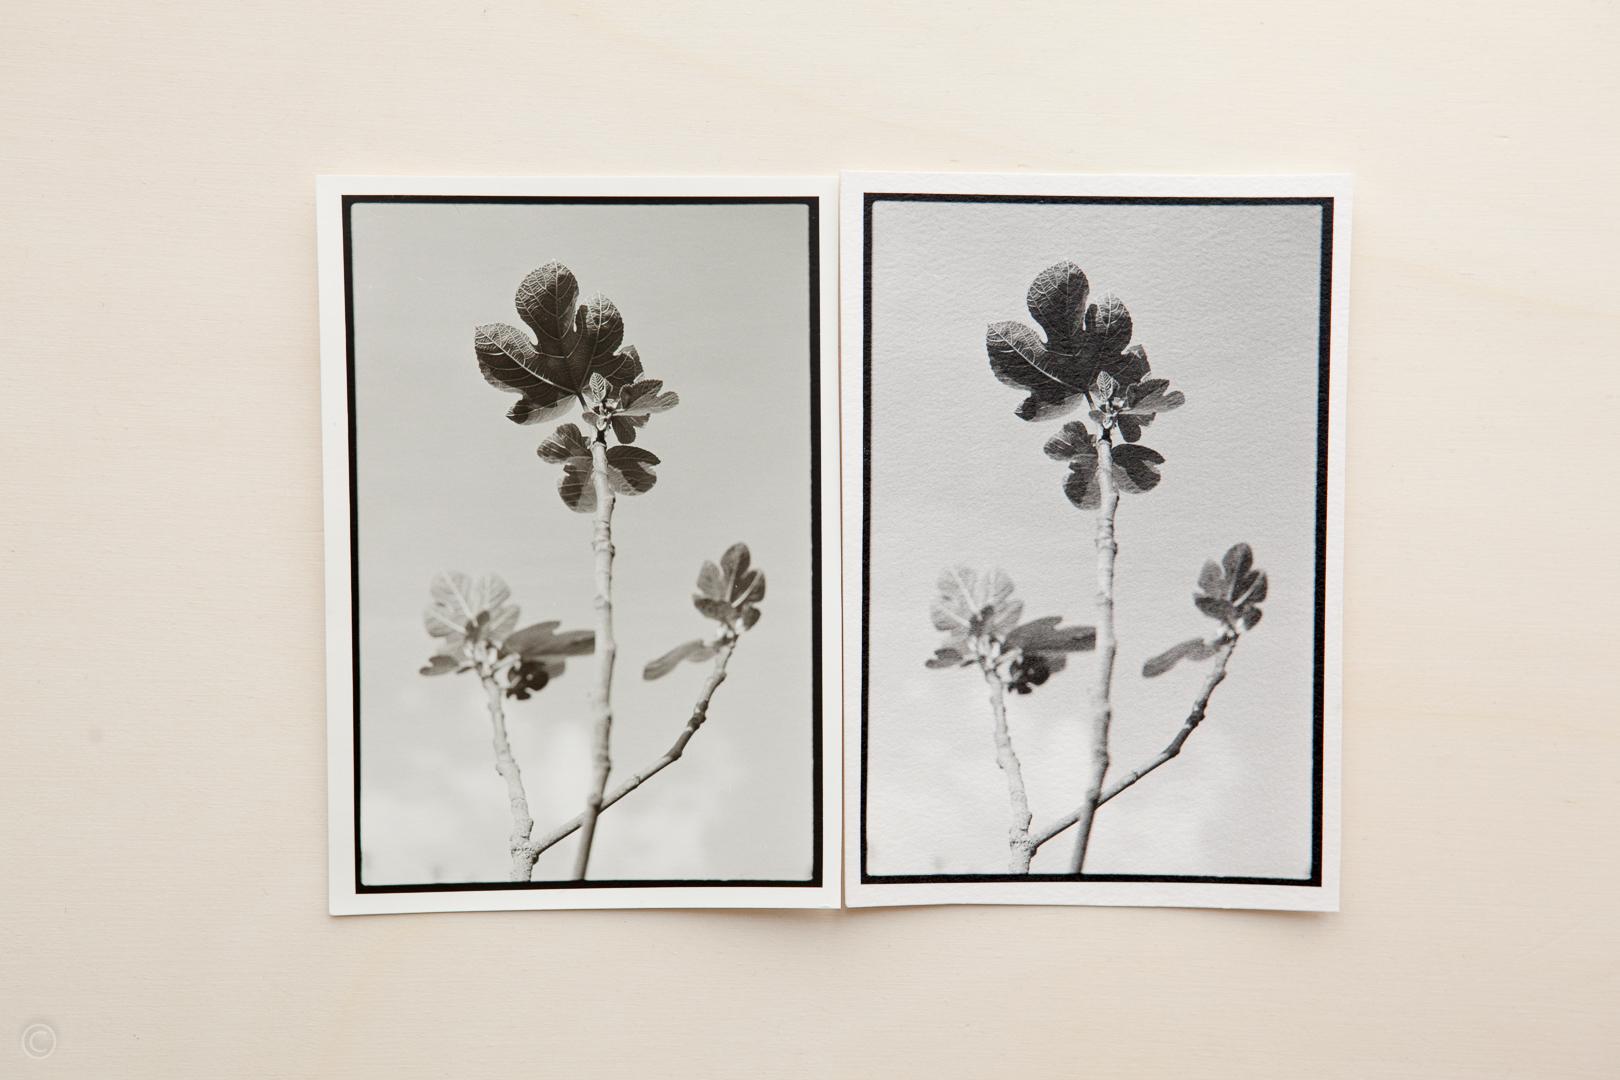 Silver gelatin photo paper comparison Fomatone MG Classic vs Ilford Art 300 005